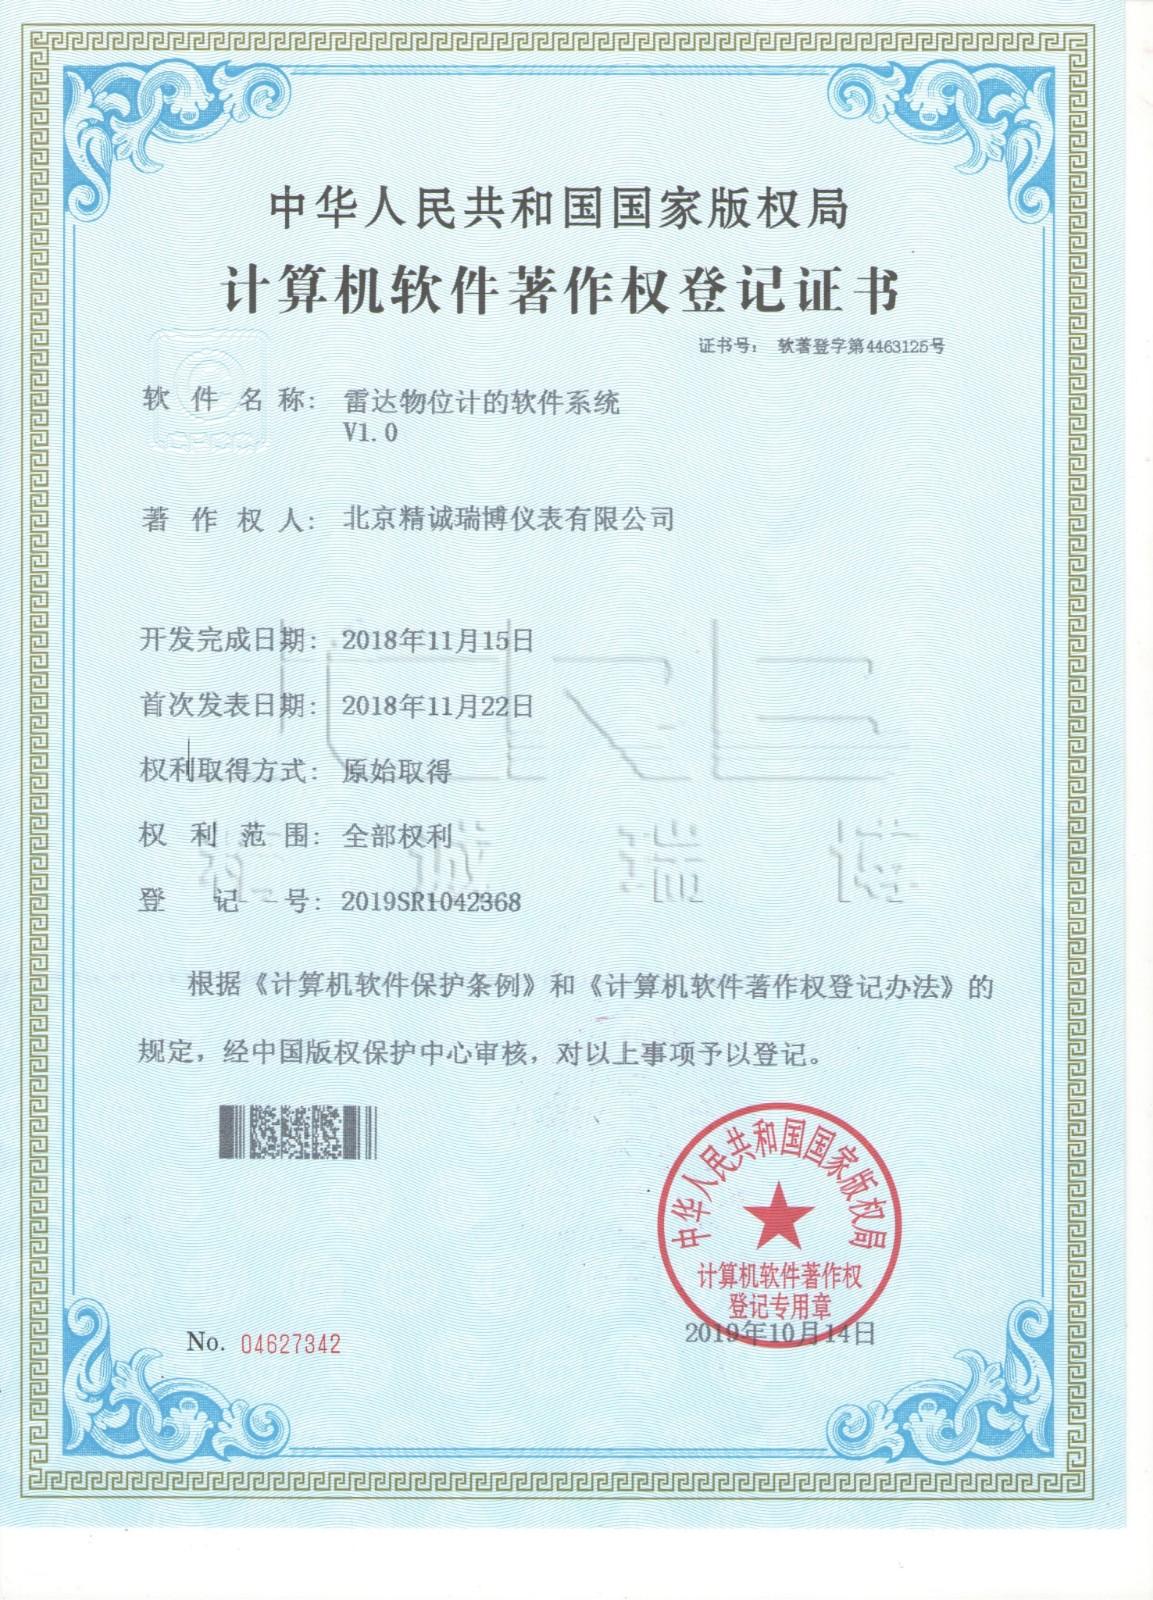 雷达物位计软件著系统作权证书